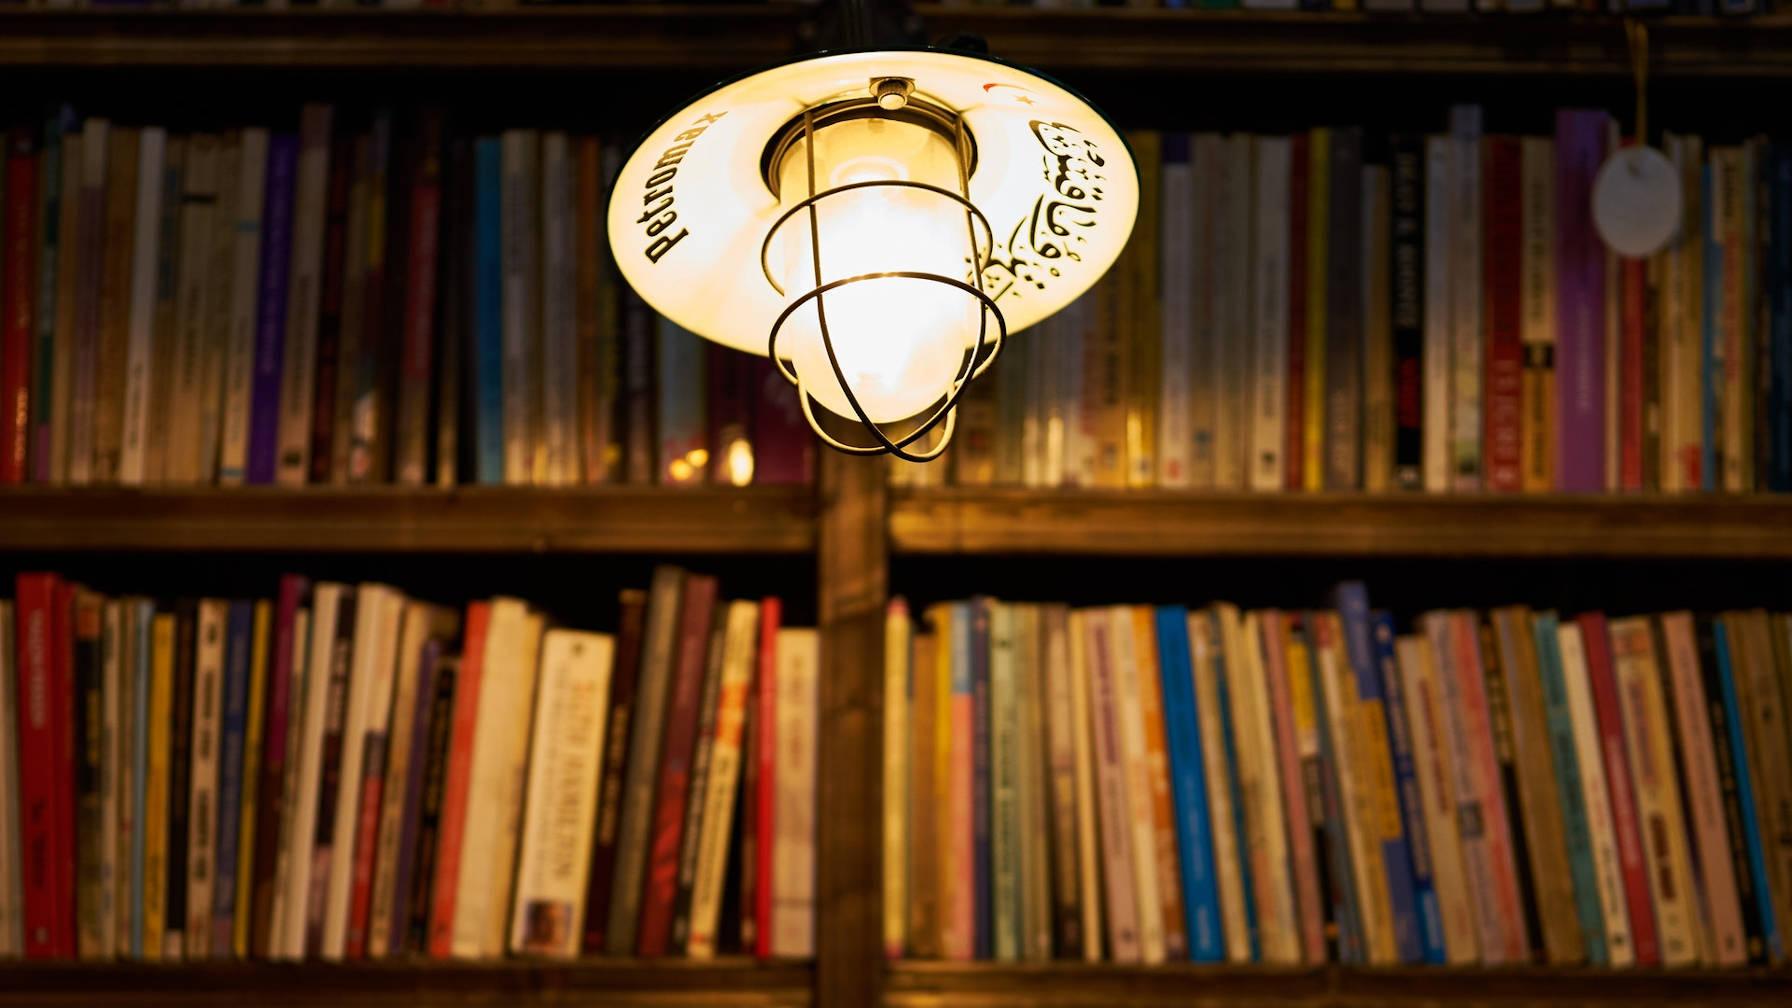 Des étagères remplies de livres avec une suspension devant, les éclairant.